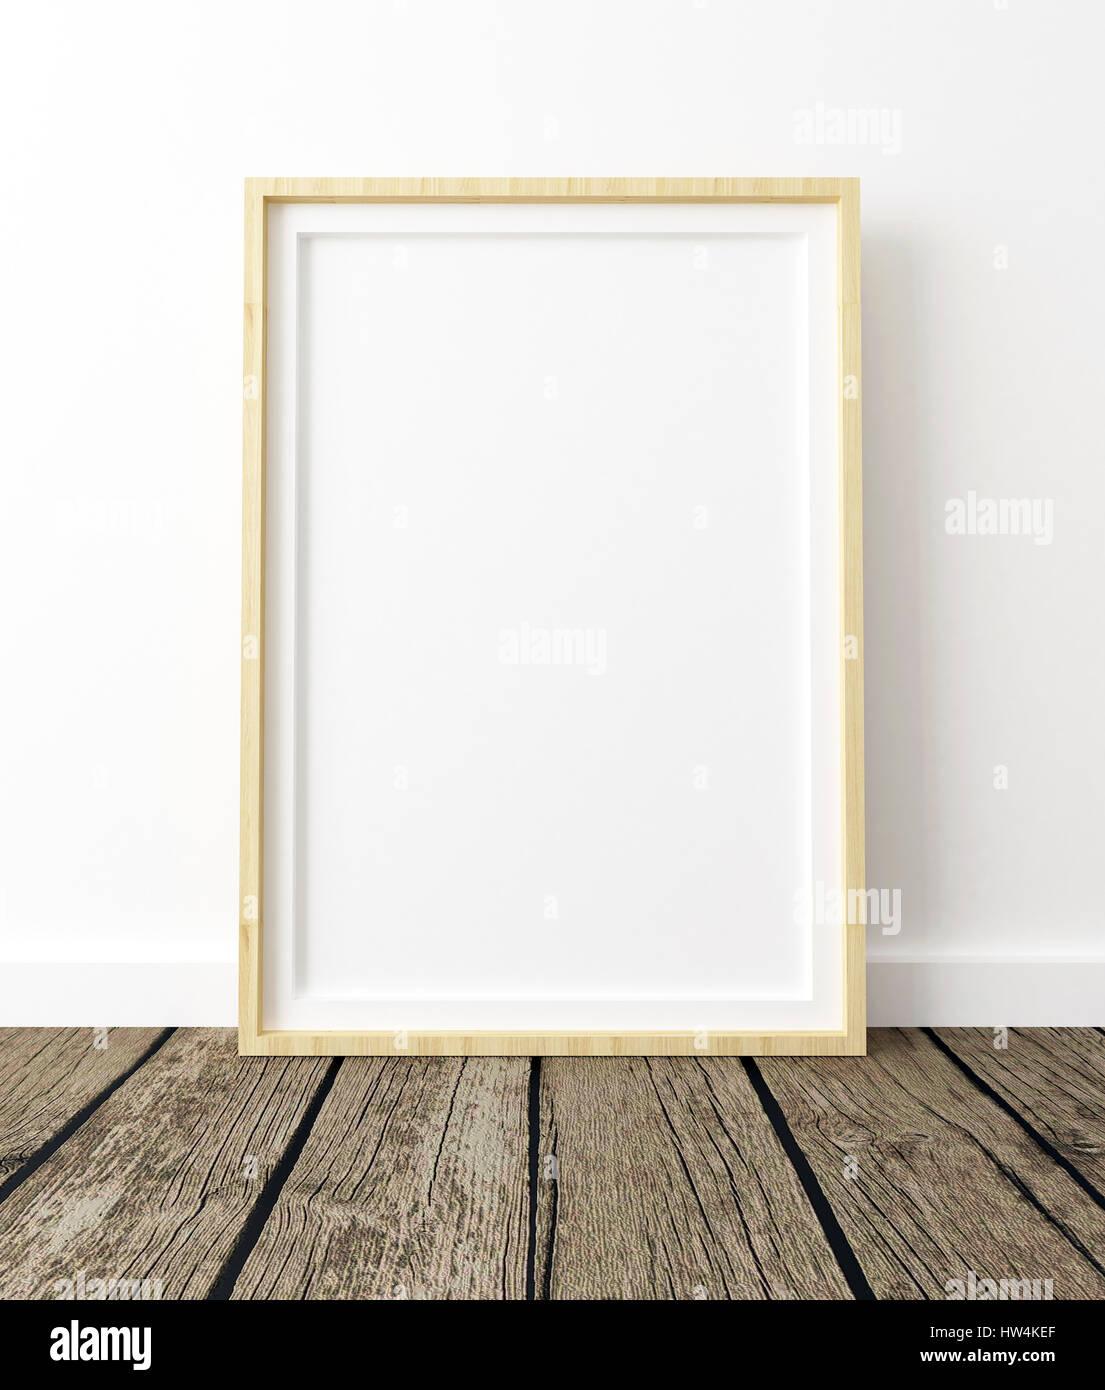 Plakat Mockup auf weißem Hintergrund, Holz Rahmen, leer Interieur ...